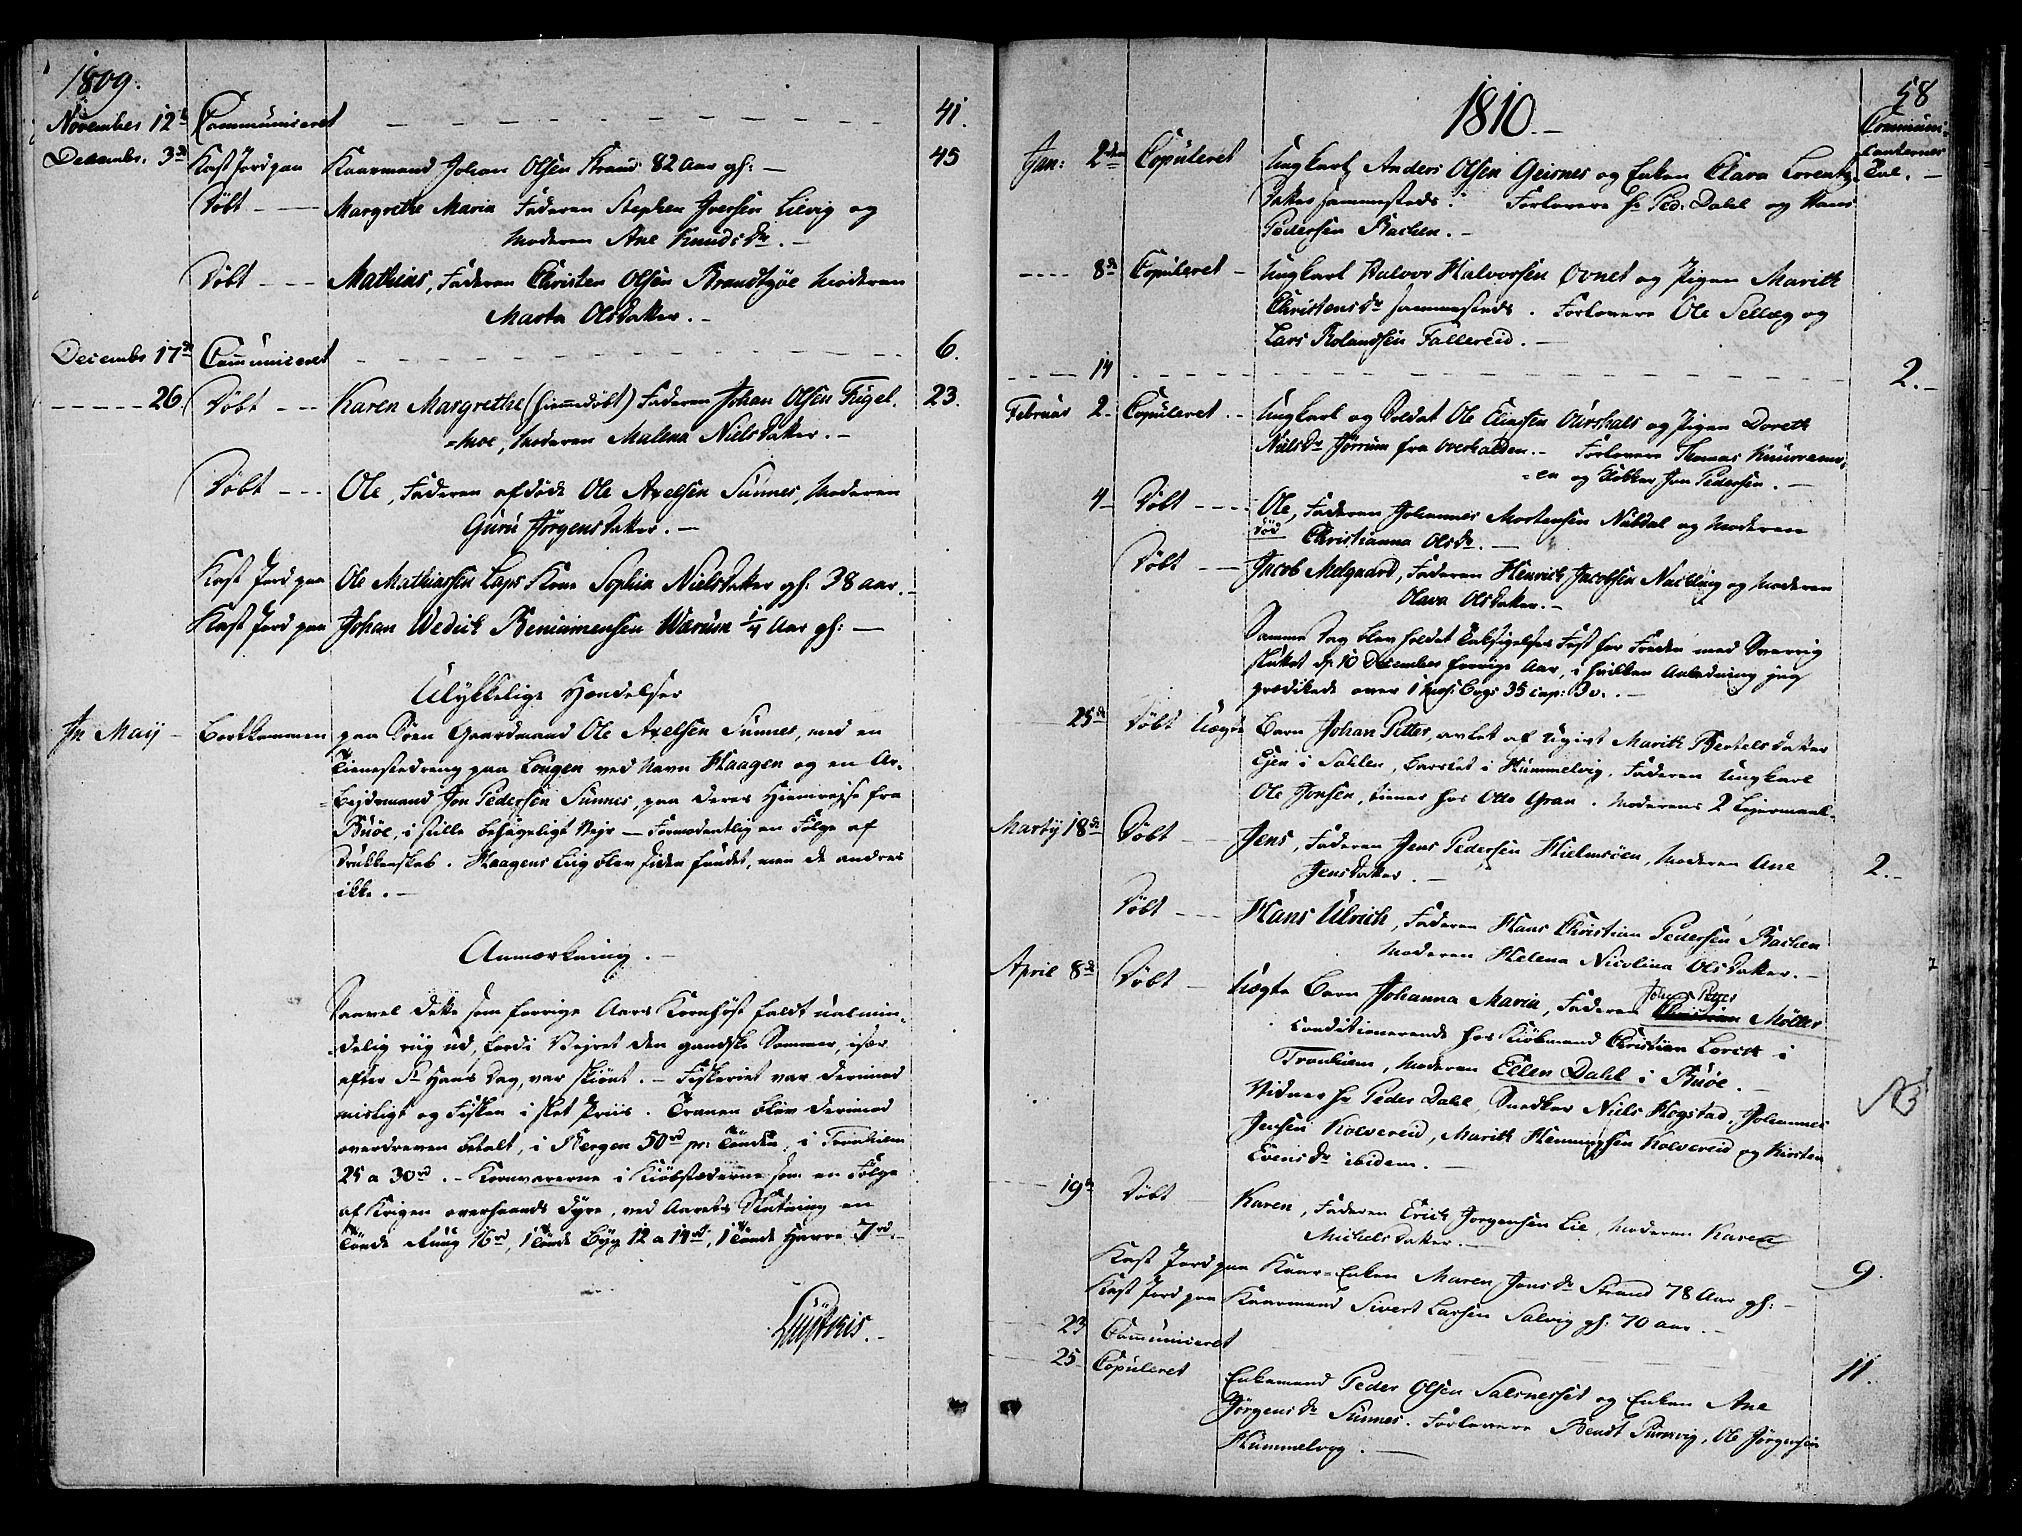 SAT, Ministerialprotokoller, klokkerbøker og fødselsregistre - Nord-Trøndelag, 780/L0633: Ministerialbok nr. 780A02 /1, 1787-1814, s. 58